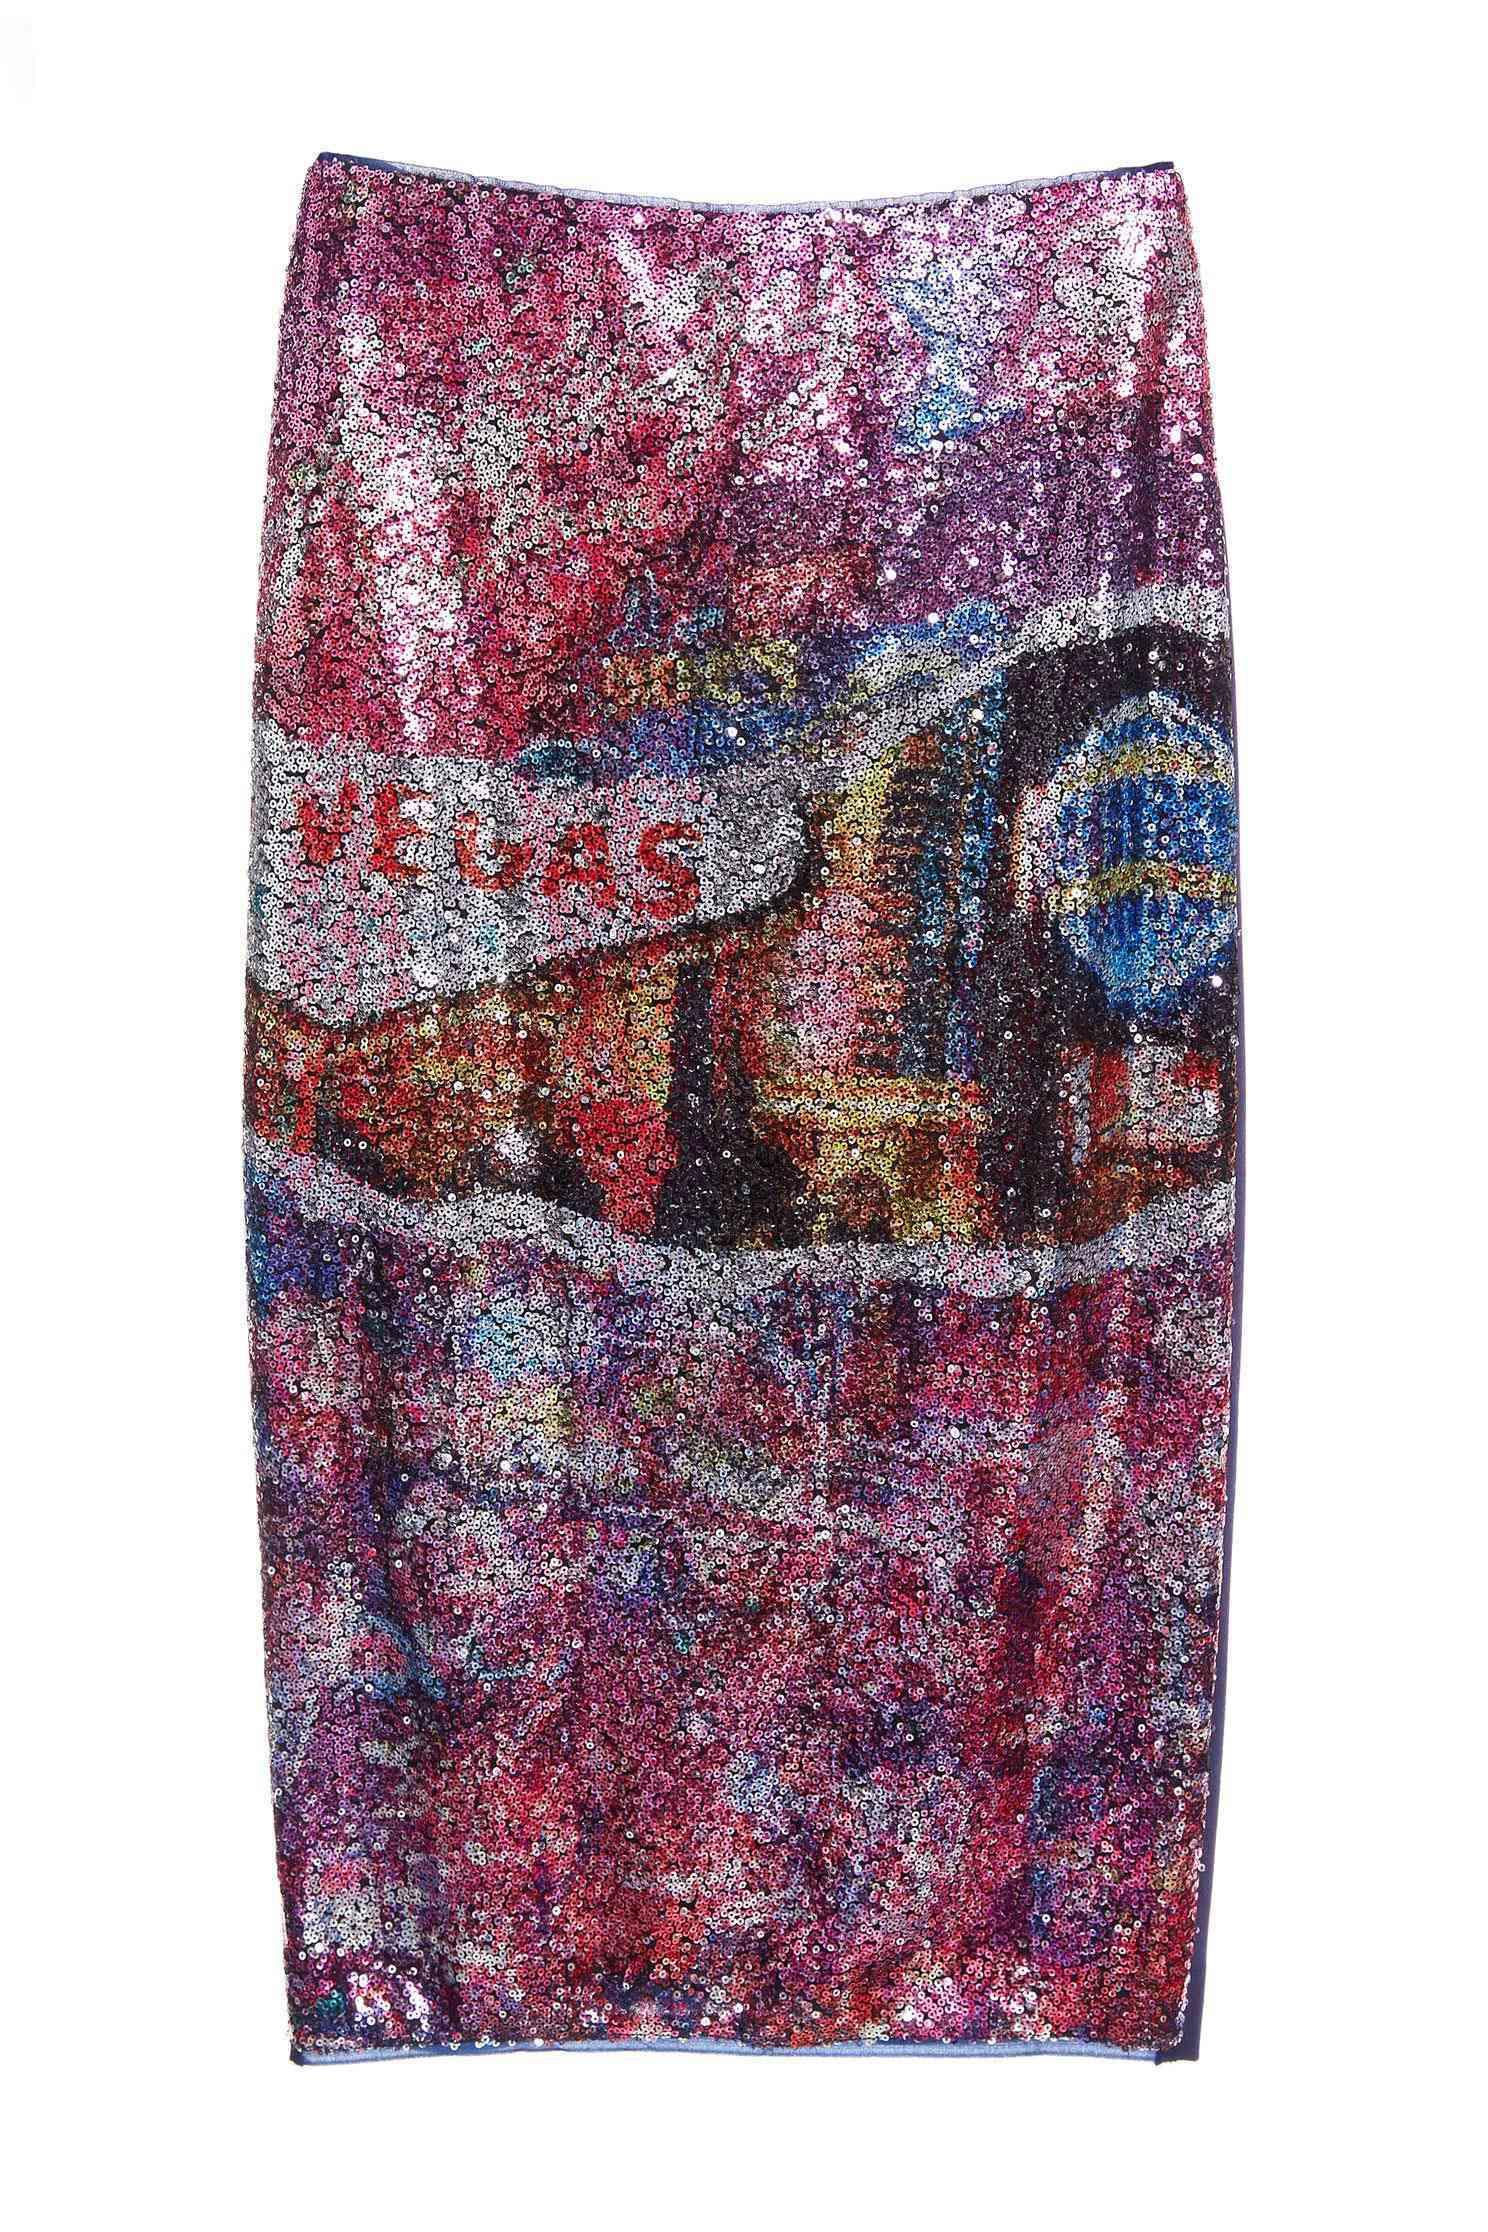 Totem fashion skirt